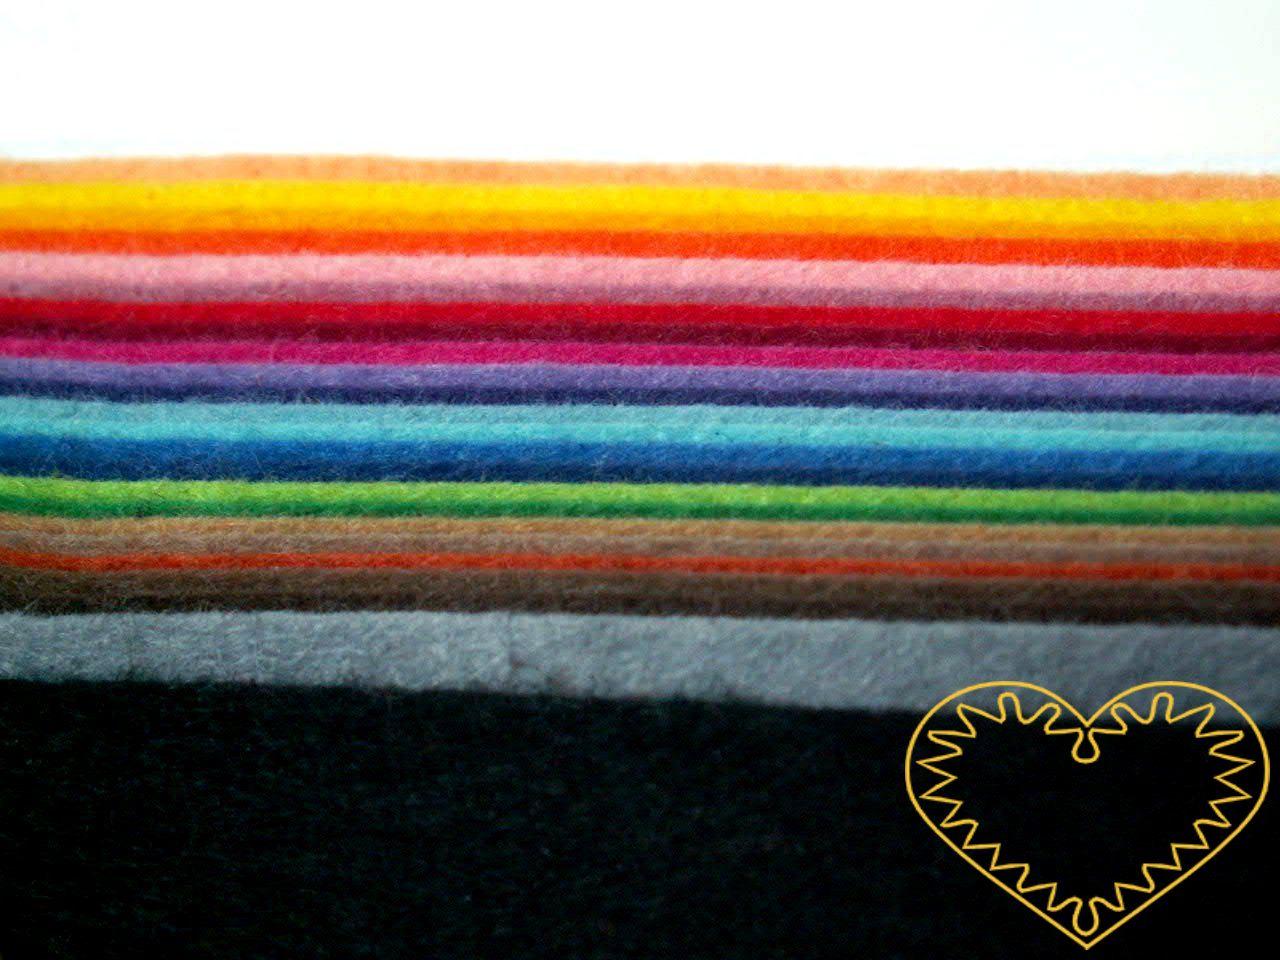 Plsť dekorační barevná sada 25 barev a odstínů. Vhodné k výrobě aplikací, přáníček, výseků a výřezů, k vytváření figurek, maňásků či různých dekorací.